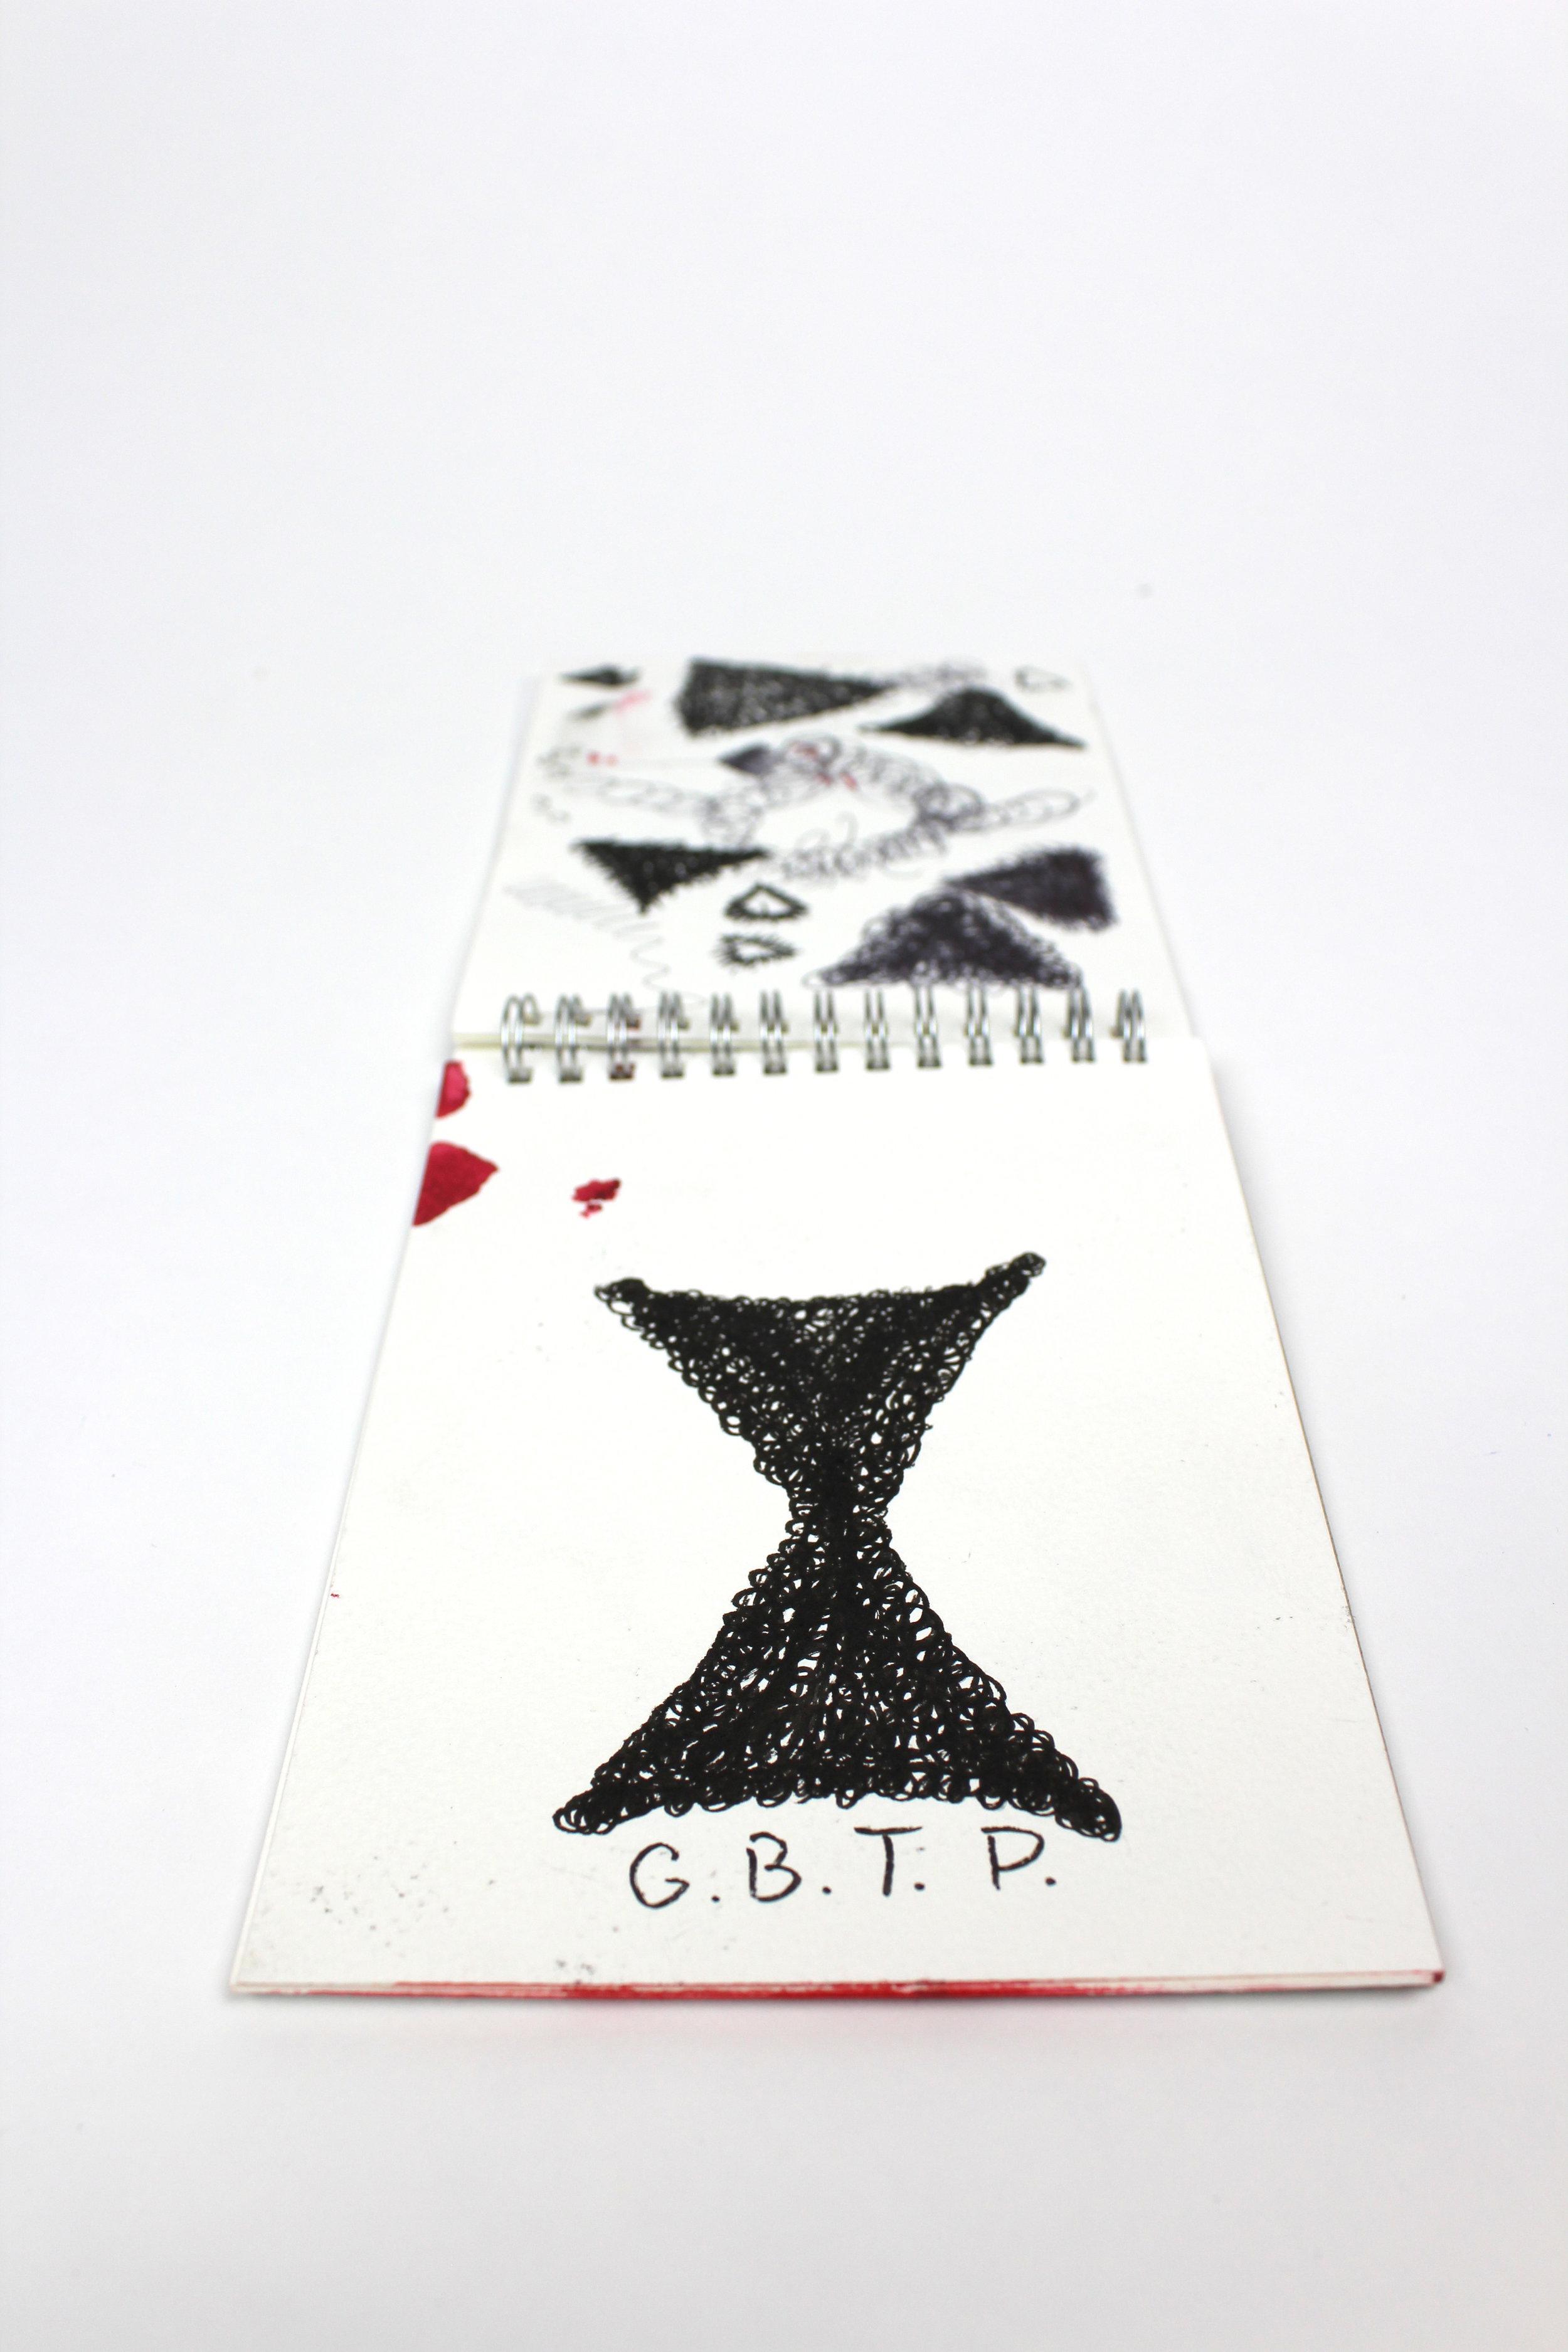 G.B.T.P.  9 x 12 inch